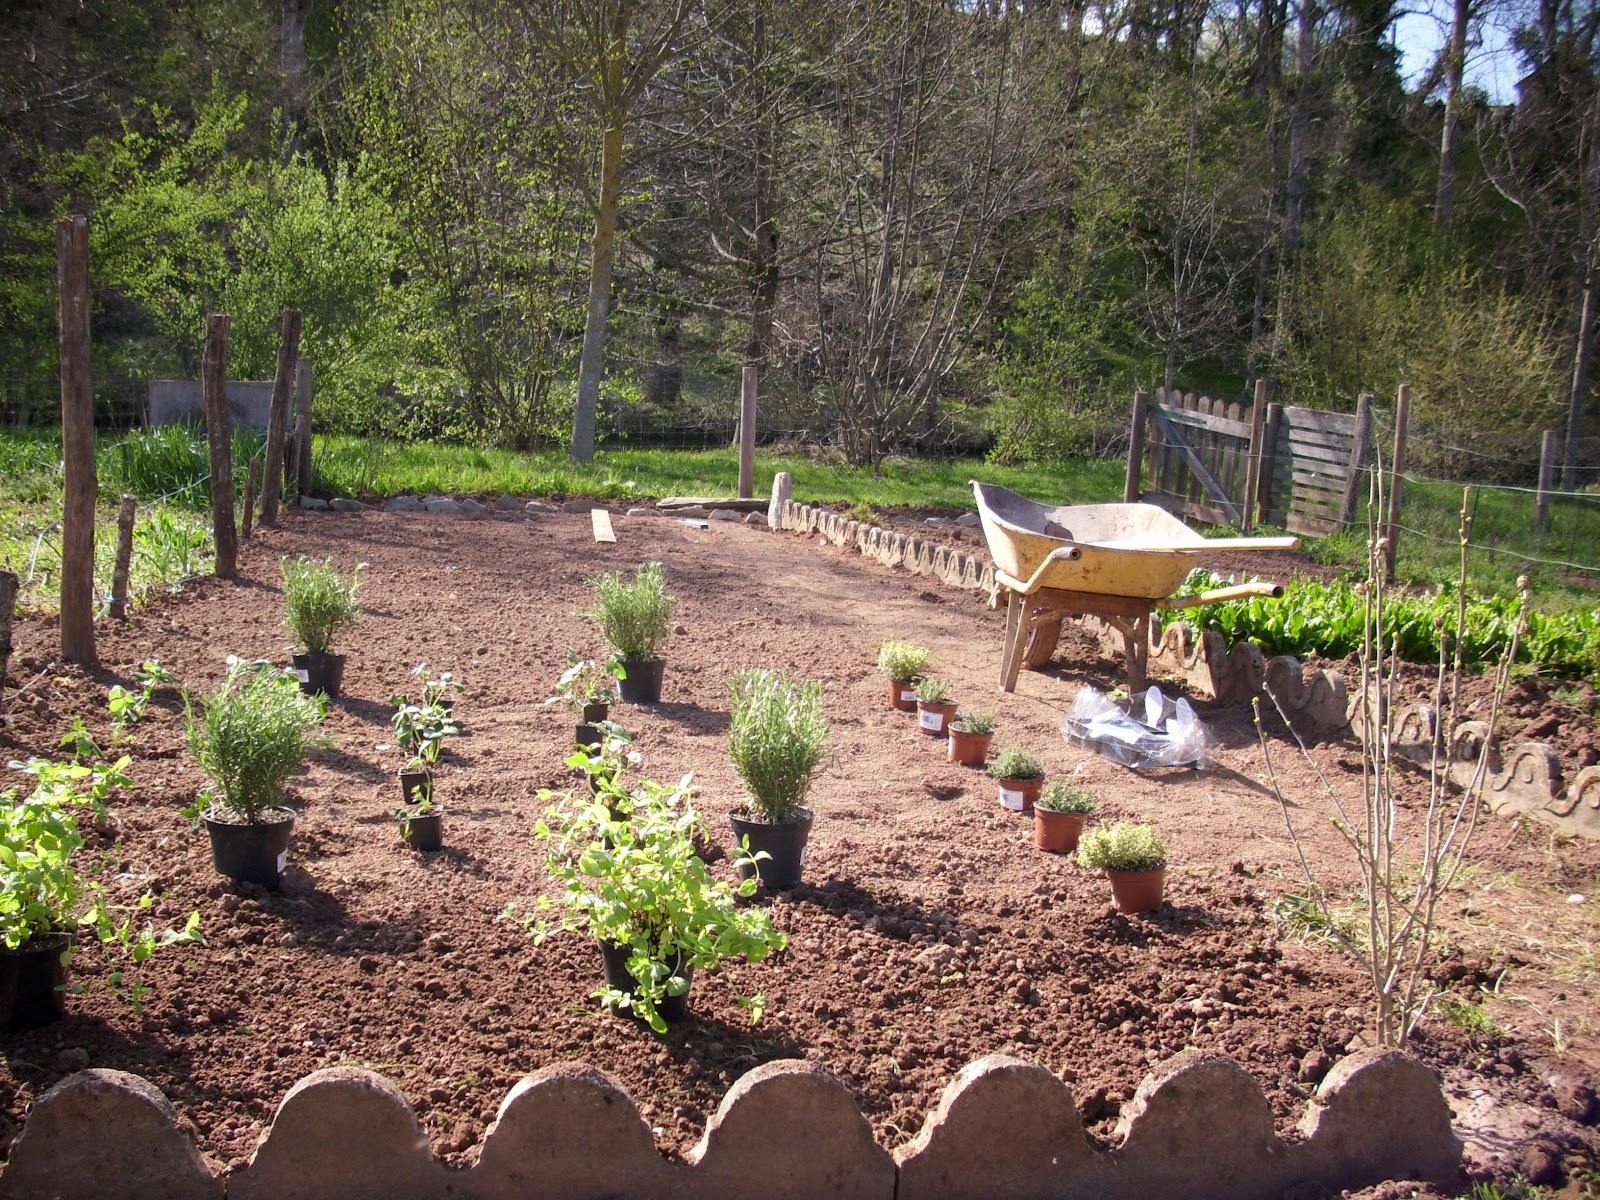 Am nagement de terrasse et potager mon petit jardin ouvrier for Jardin ouvrier